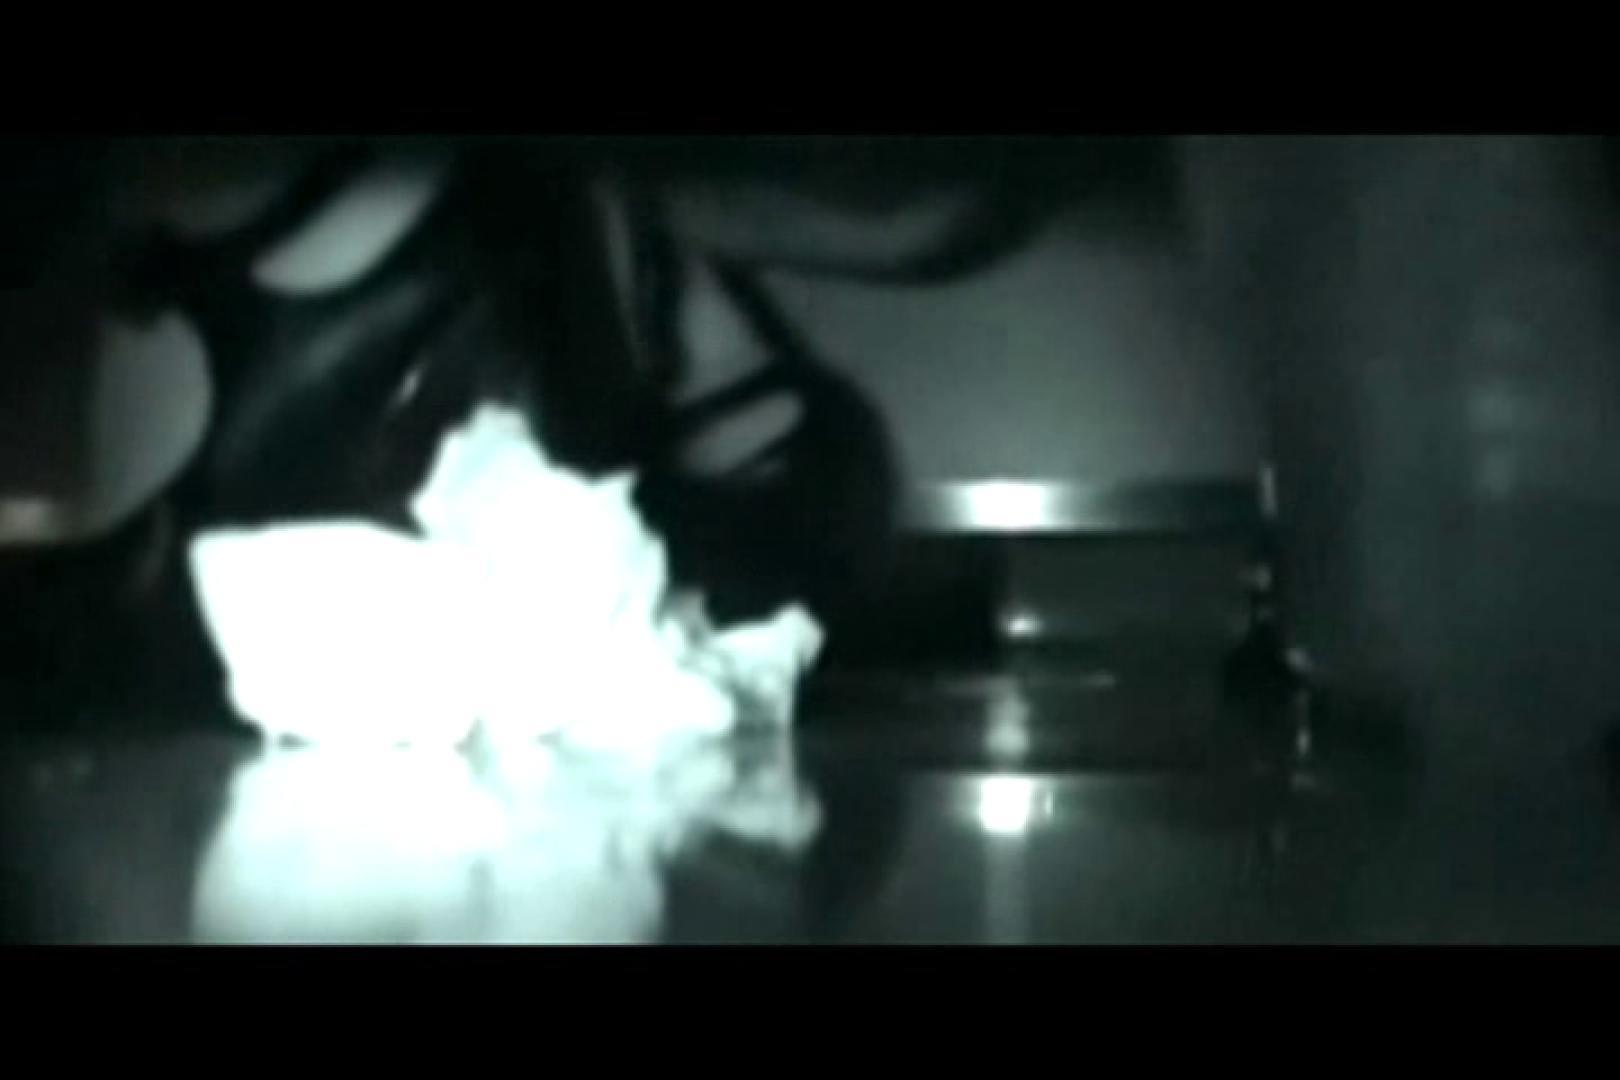 ぼっとん洗面所スペシャルVol.17 OLエロ画像  74PICs 60